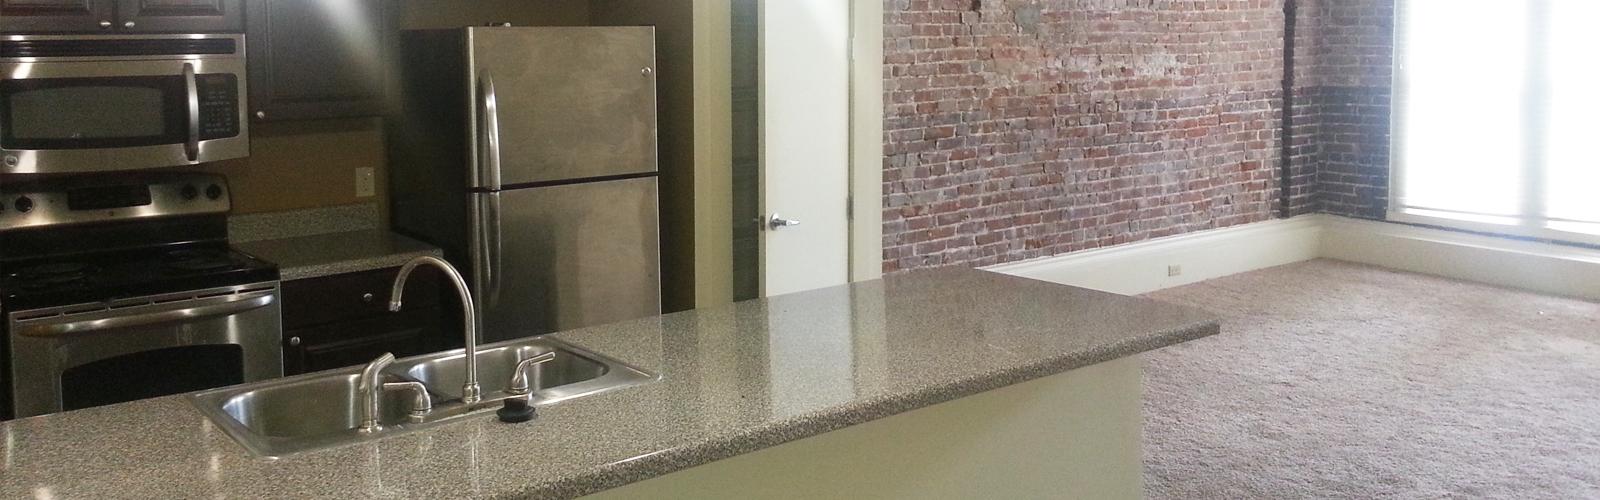 keuken renovatie door Loodgietersbedrijf Spoor Hoofddorp